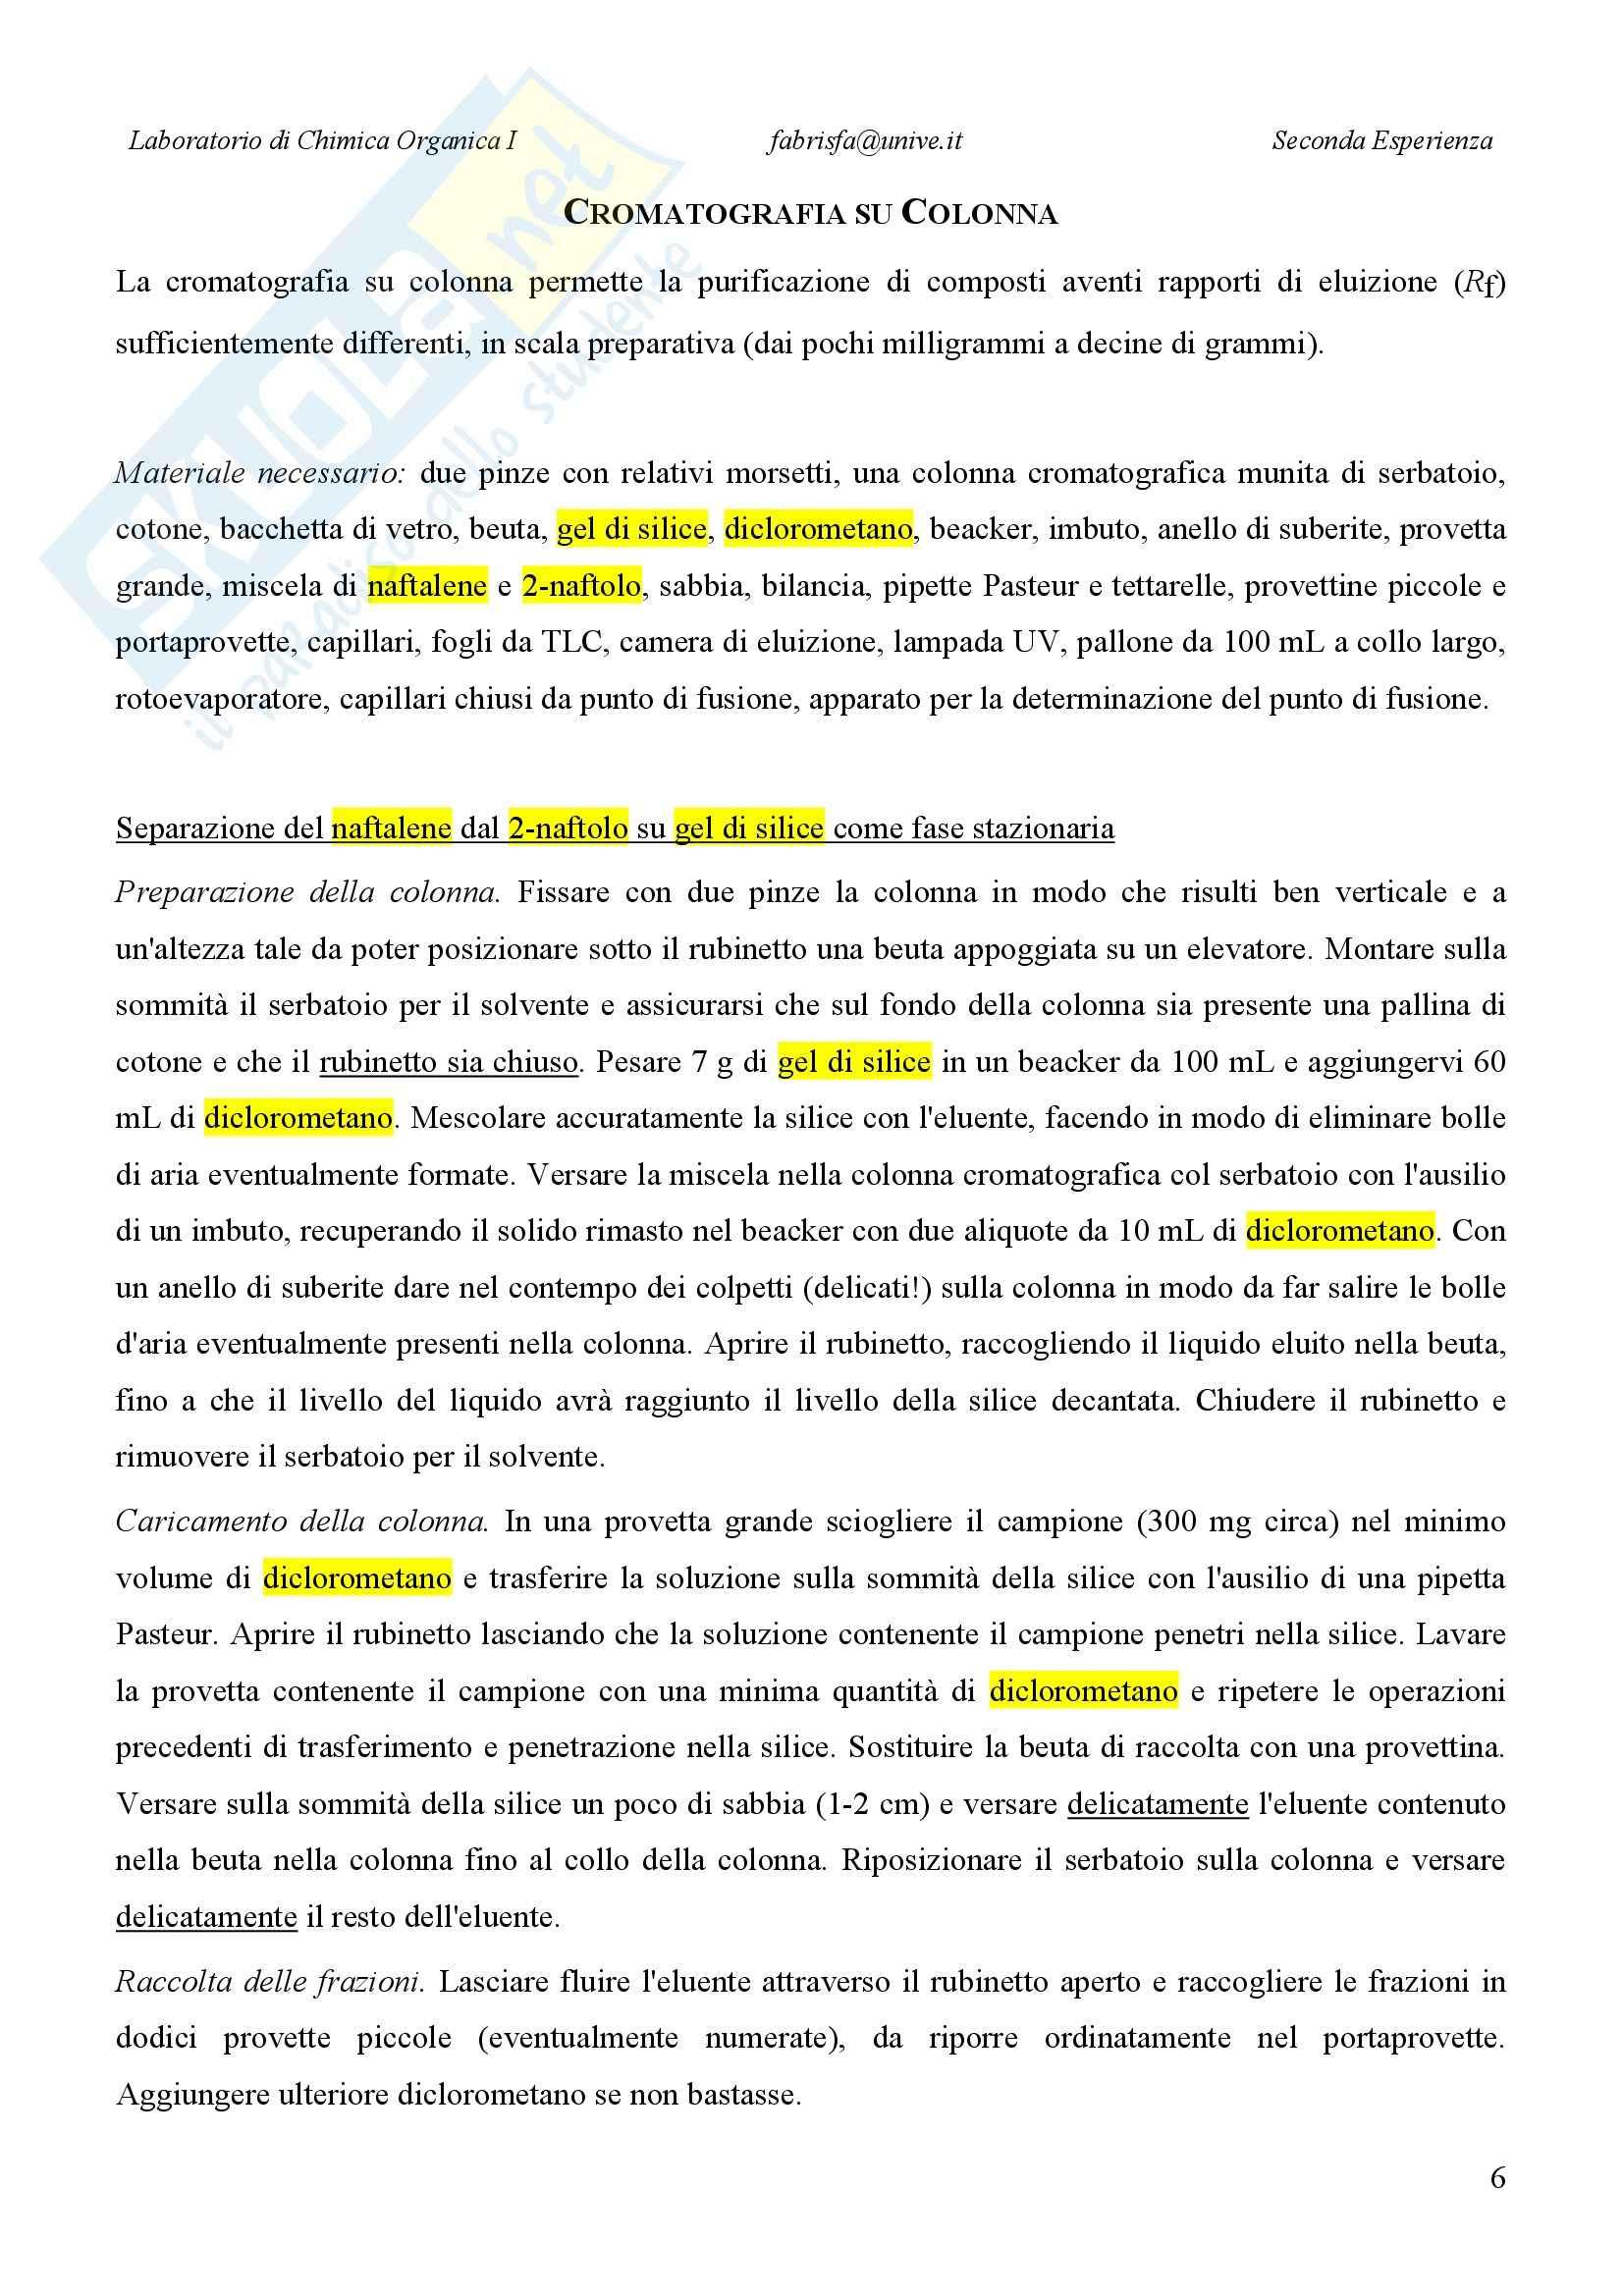 Laboratorio di estrazione e sintesi dei farmaci - Appunti Pag. 6